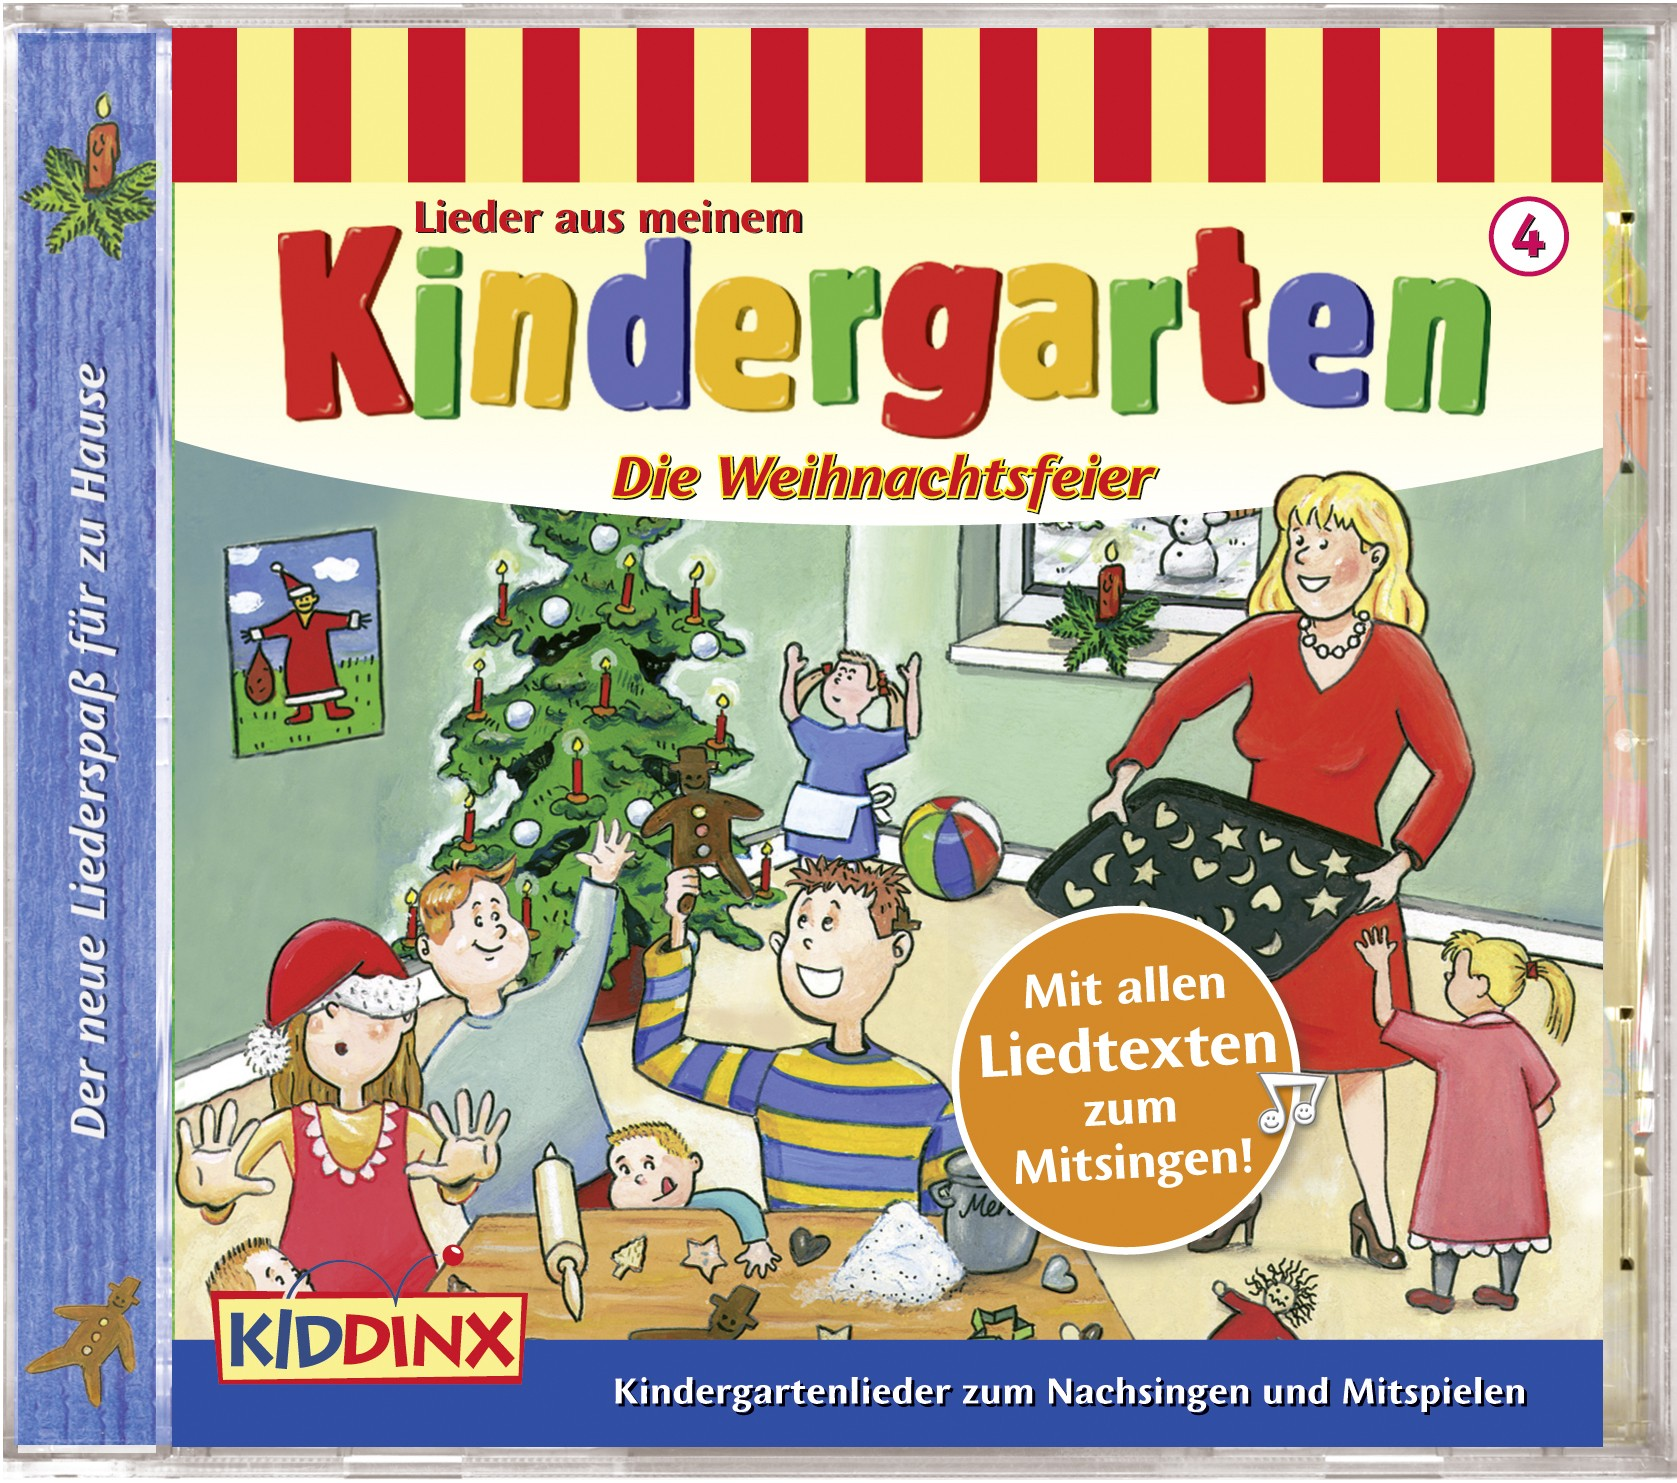 Lieder aus meinem Kindergarten: Die Weihnachtsfeier (Folge 4)